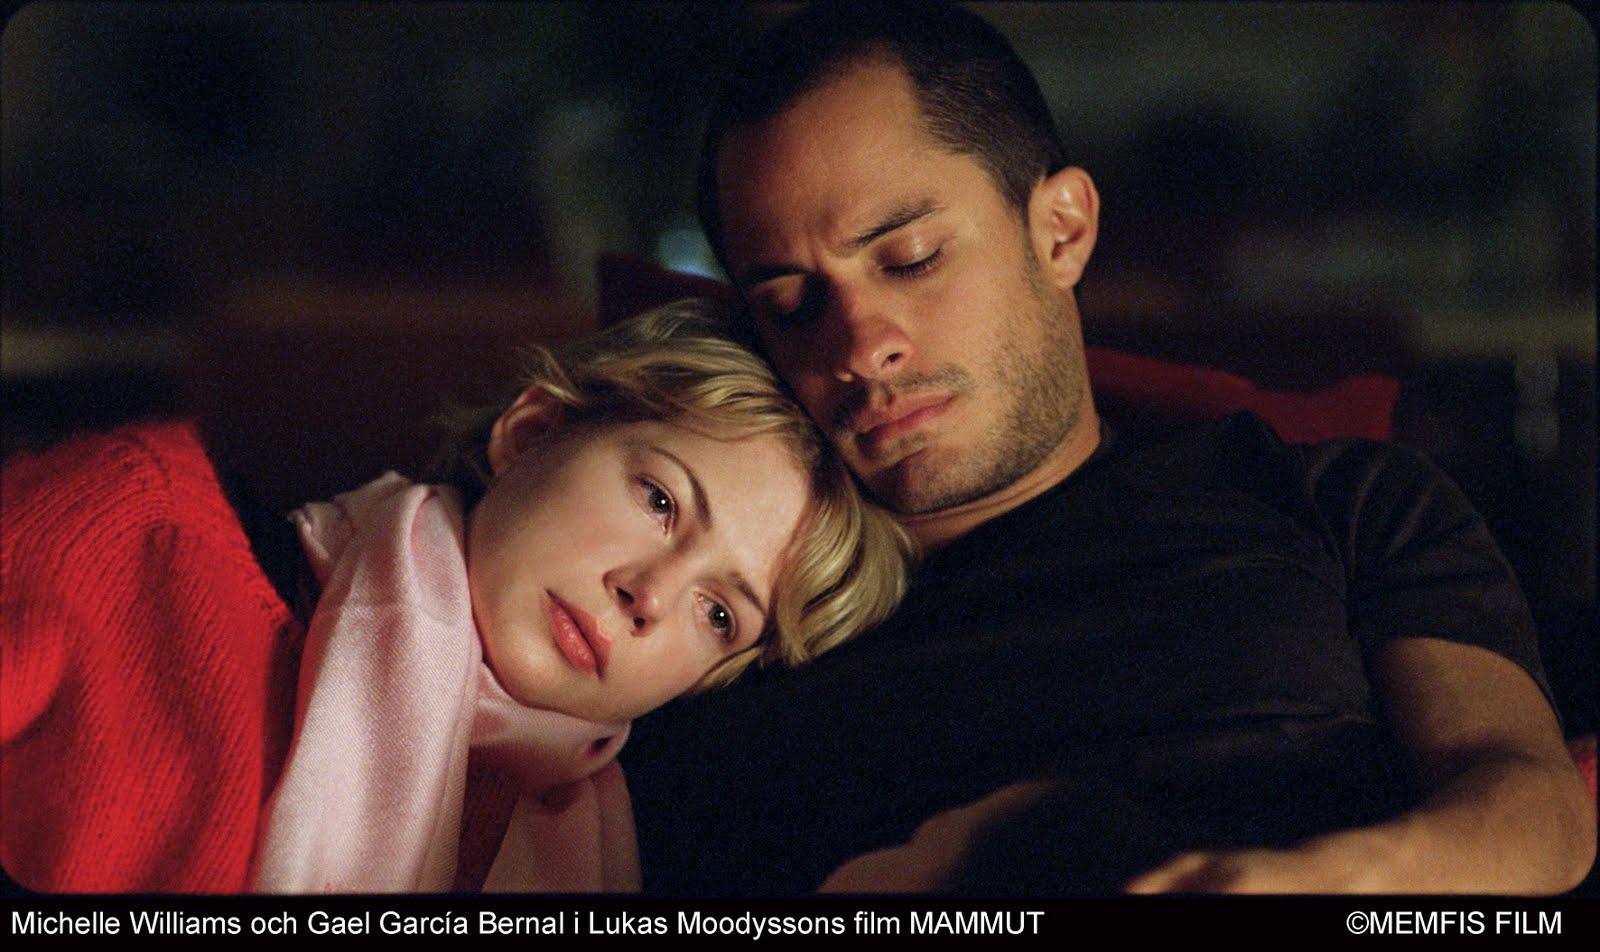 http://2.bp.blogspot.com/_tZg6lwUCPOo/TL7rsEVxnNI/AAAAAAAABgw/41KRbxYnwlQ/s1600/Gael+Garcia+Bernal+y+Michelle+Williams+dirigidos+por+Lukas+Moodysson+en+el+film+sueco+Mammoth.jpg